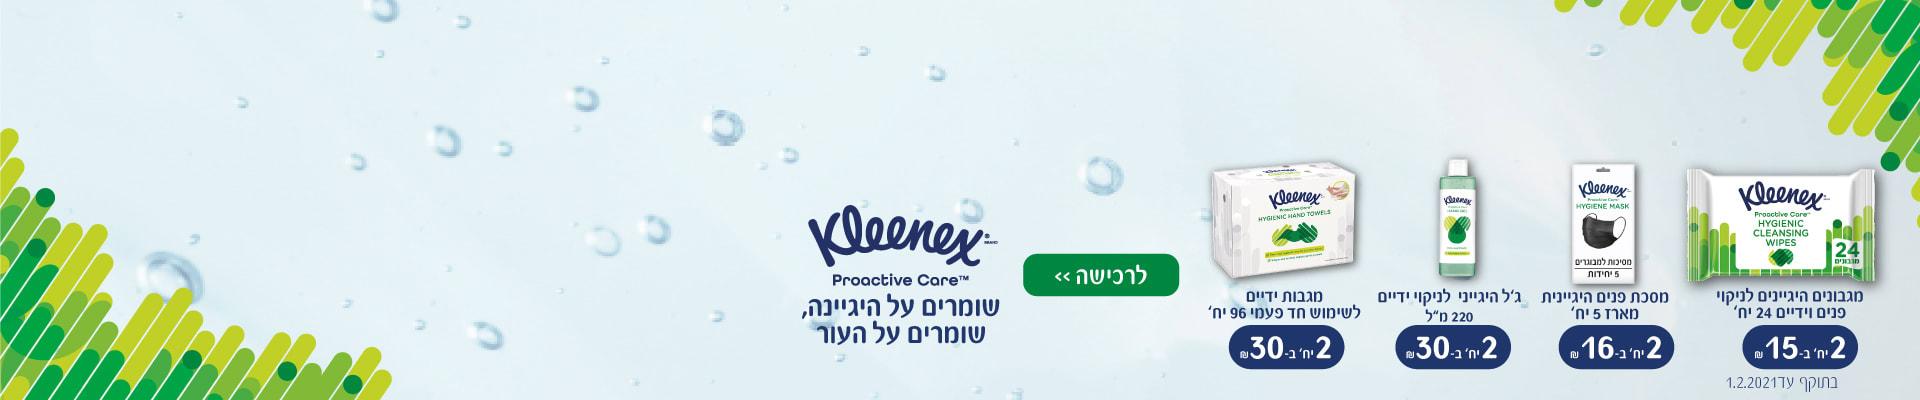 """Kleenex proactive care  מגבונים הייגנים לניקוי פנים וידיים 24 יח' 2 יח' ב- 15 ₪ , מסכת פנים הייגנית מארז 5 יח' 2 יח' ב- 16 ₪ , ג'ל היגייני לניקוי הידיים 220 מ""""ל 2 יח' ב- 30 ₪ , מגבות ידיים לשימוש חד פעמי 96 יח' 2 יח' ב- 30 ₪ לרכישה , בתוקף עד 1.2.2021"""